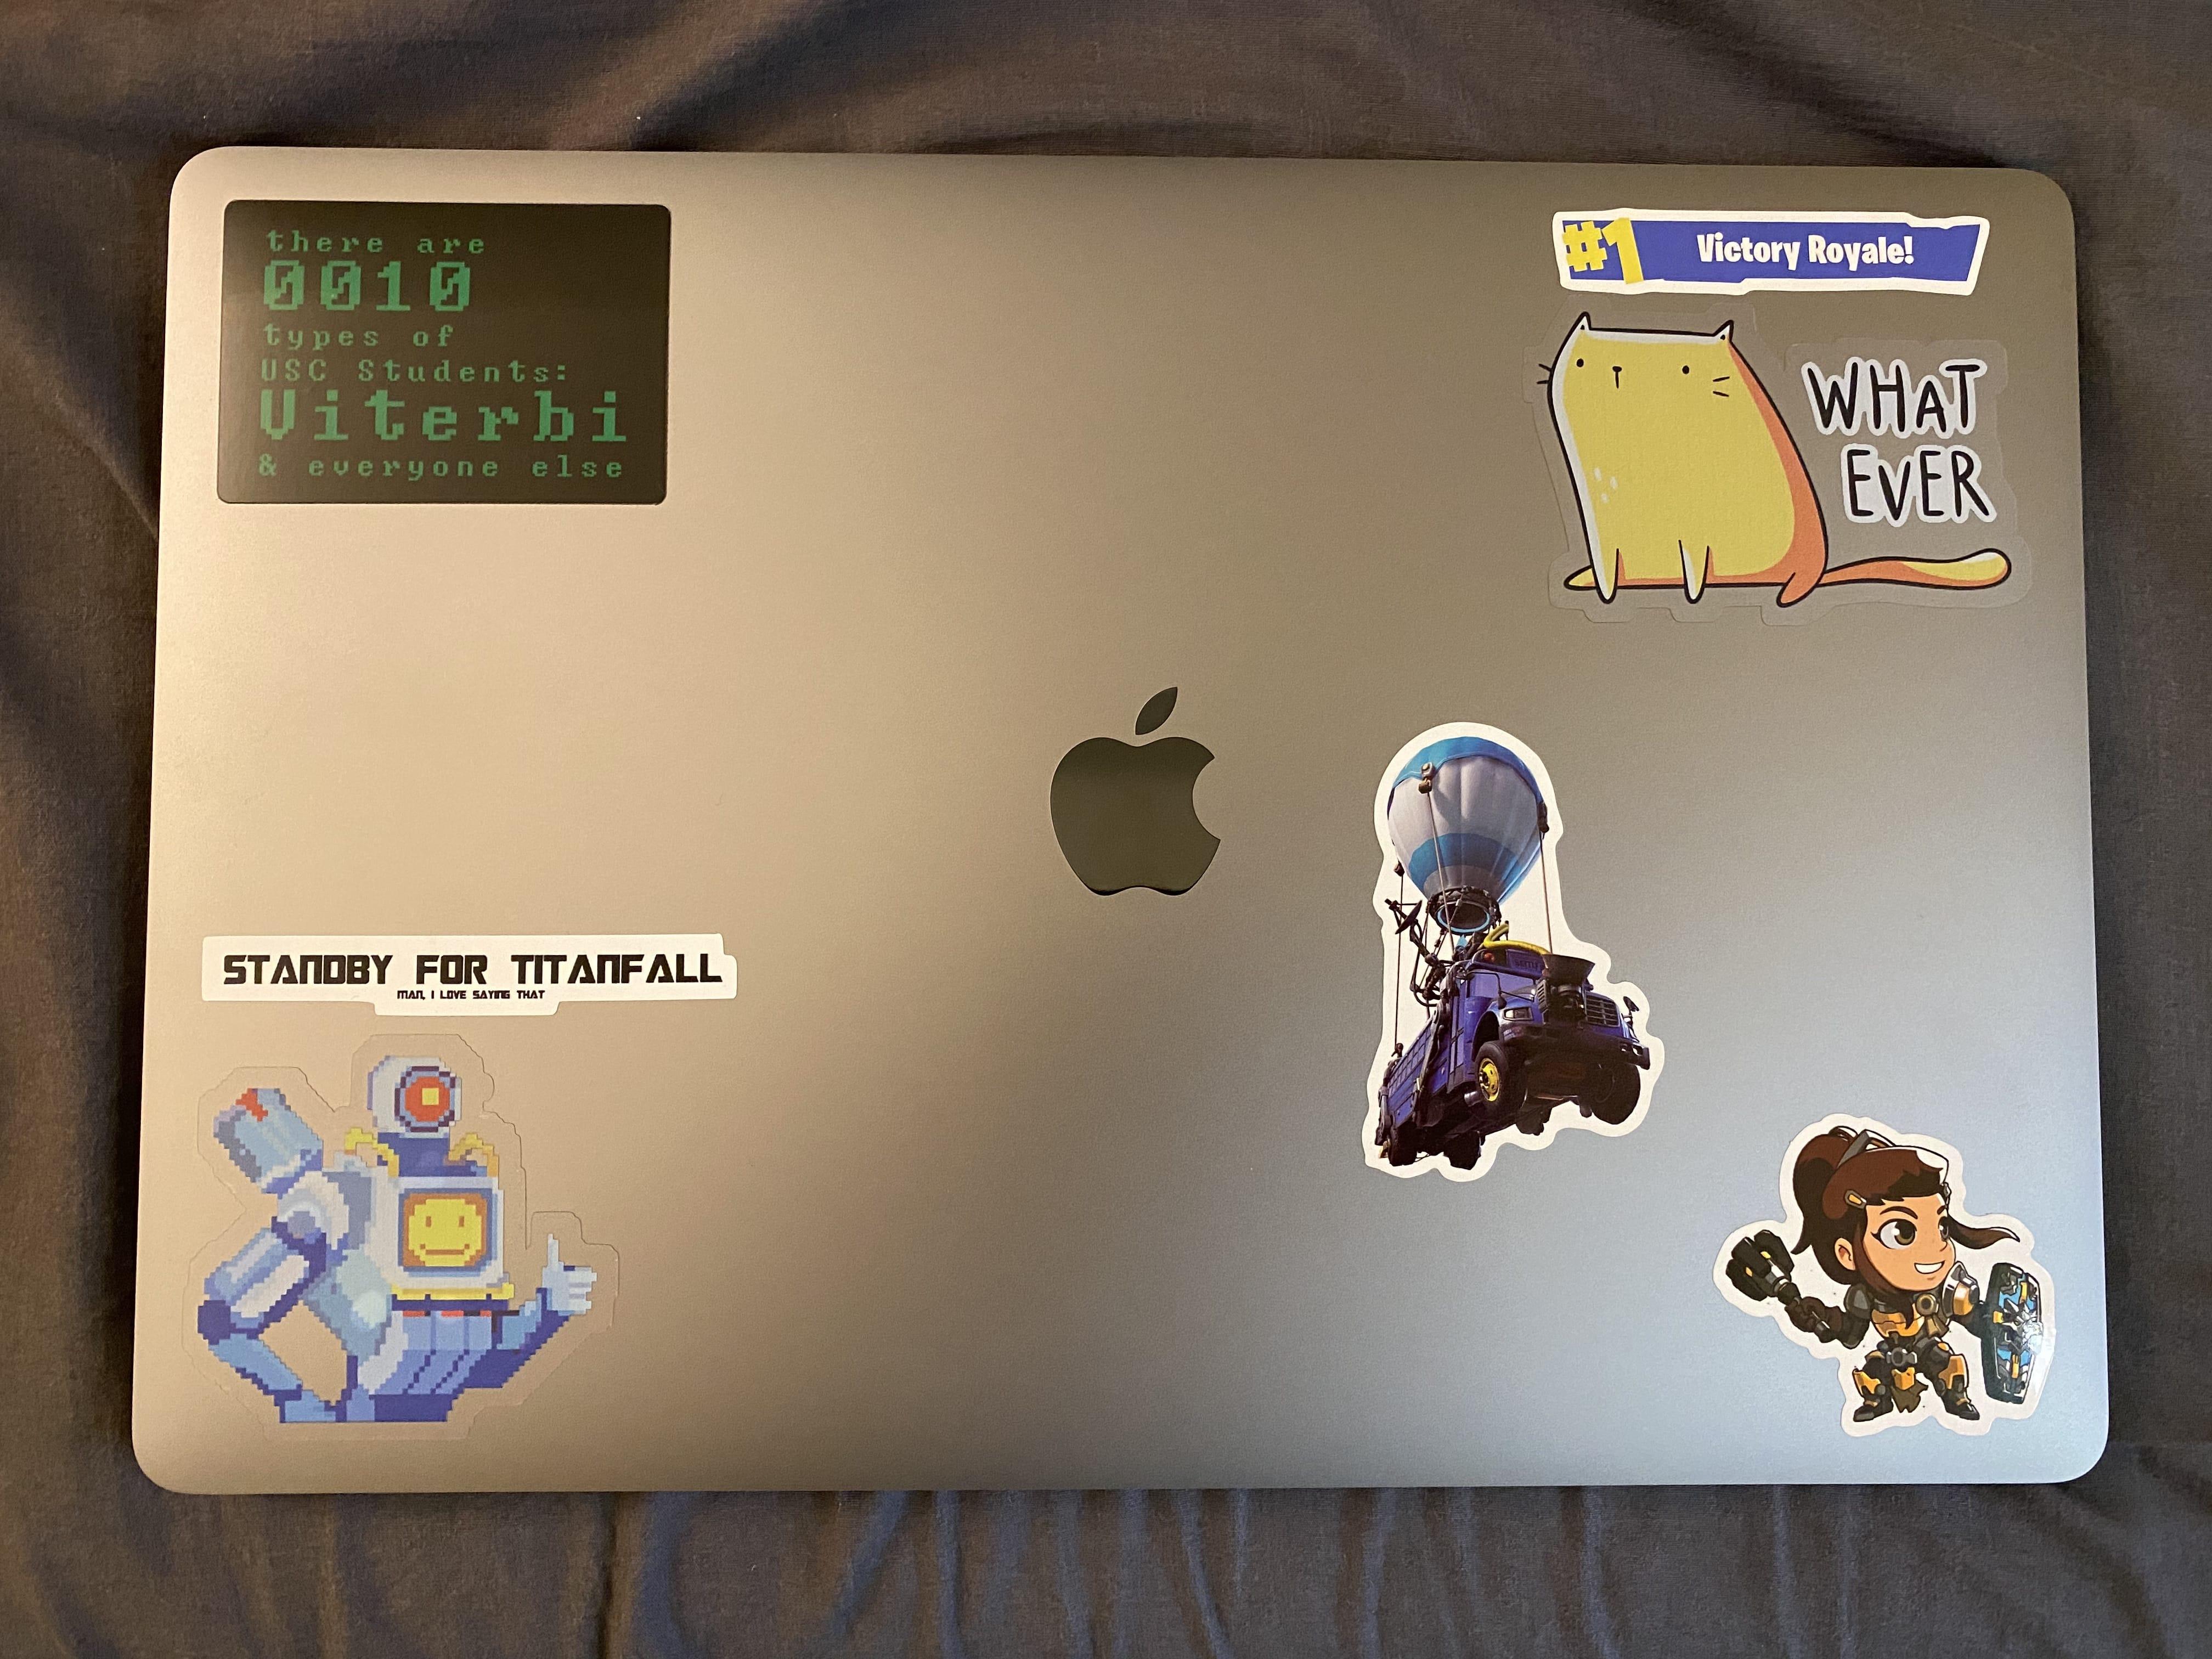 我的 MacBook